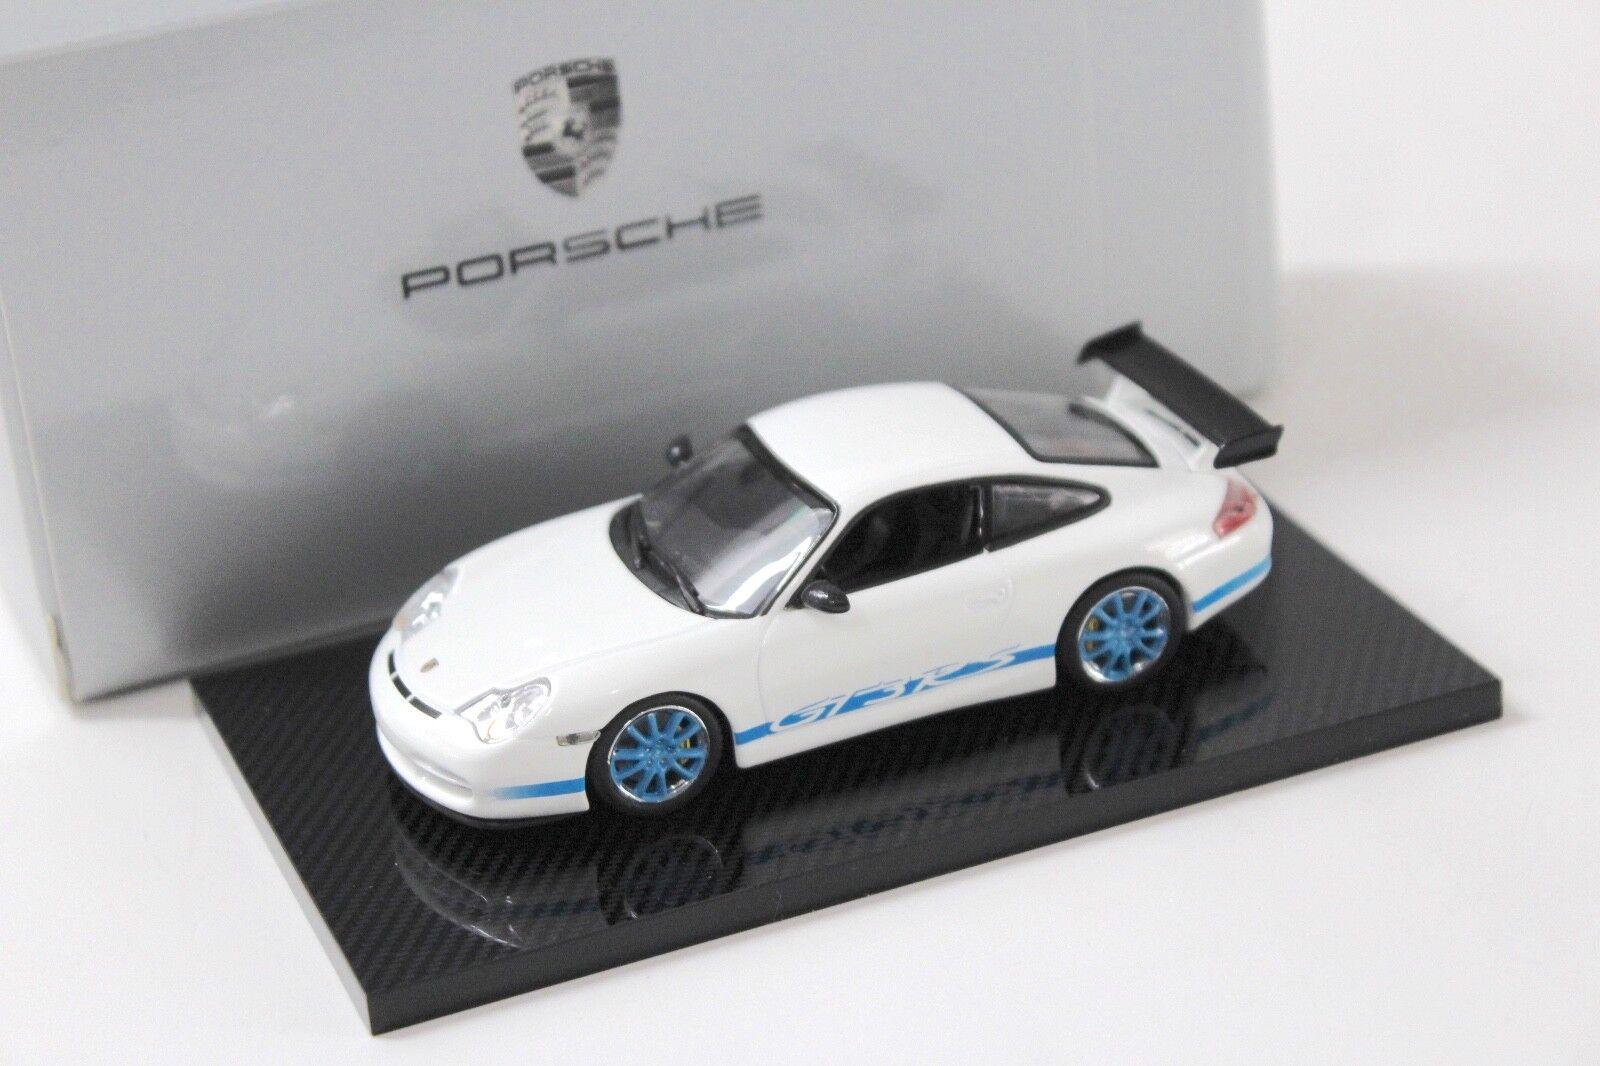 1 43 Minichamps Porsche 911 996 gt3 rs blanc bleu NEW chez Premium-modelcars